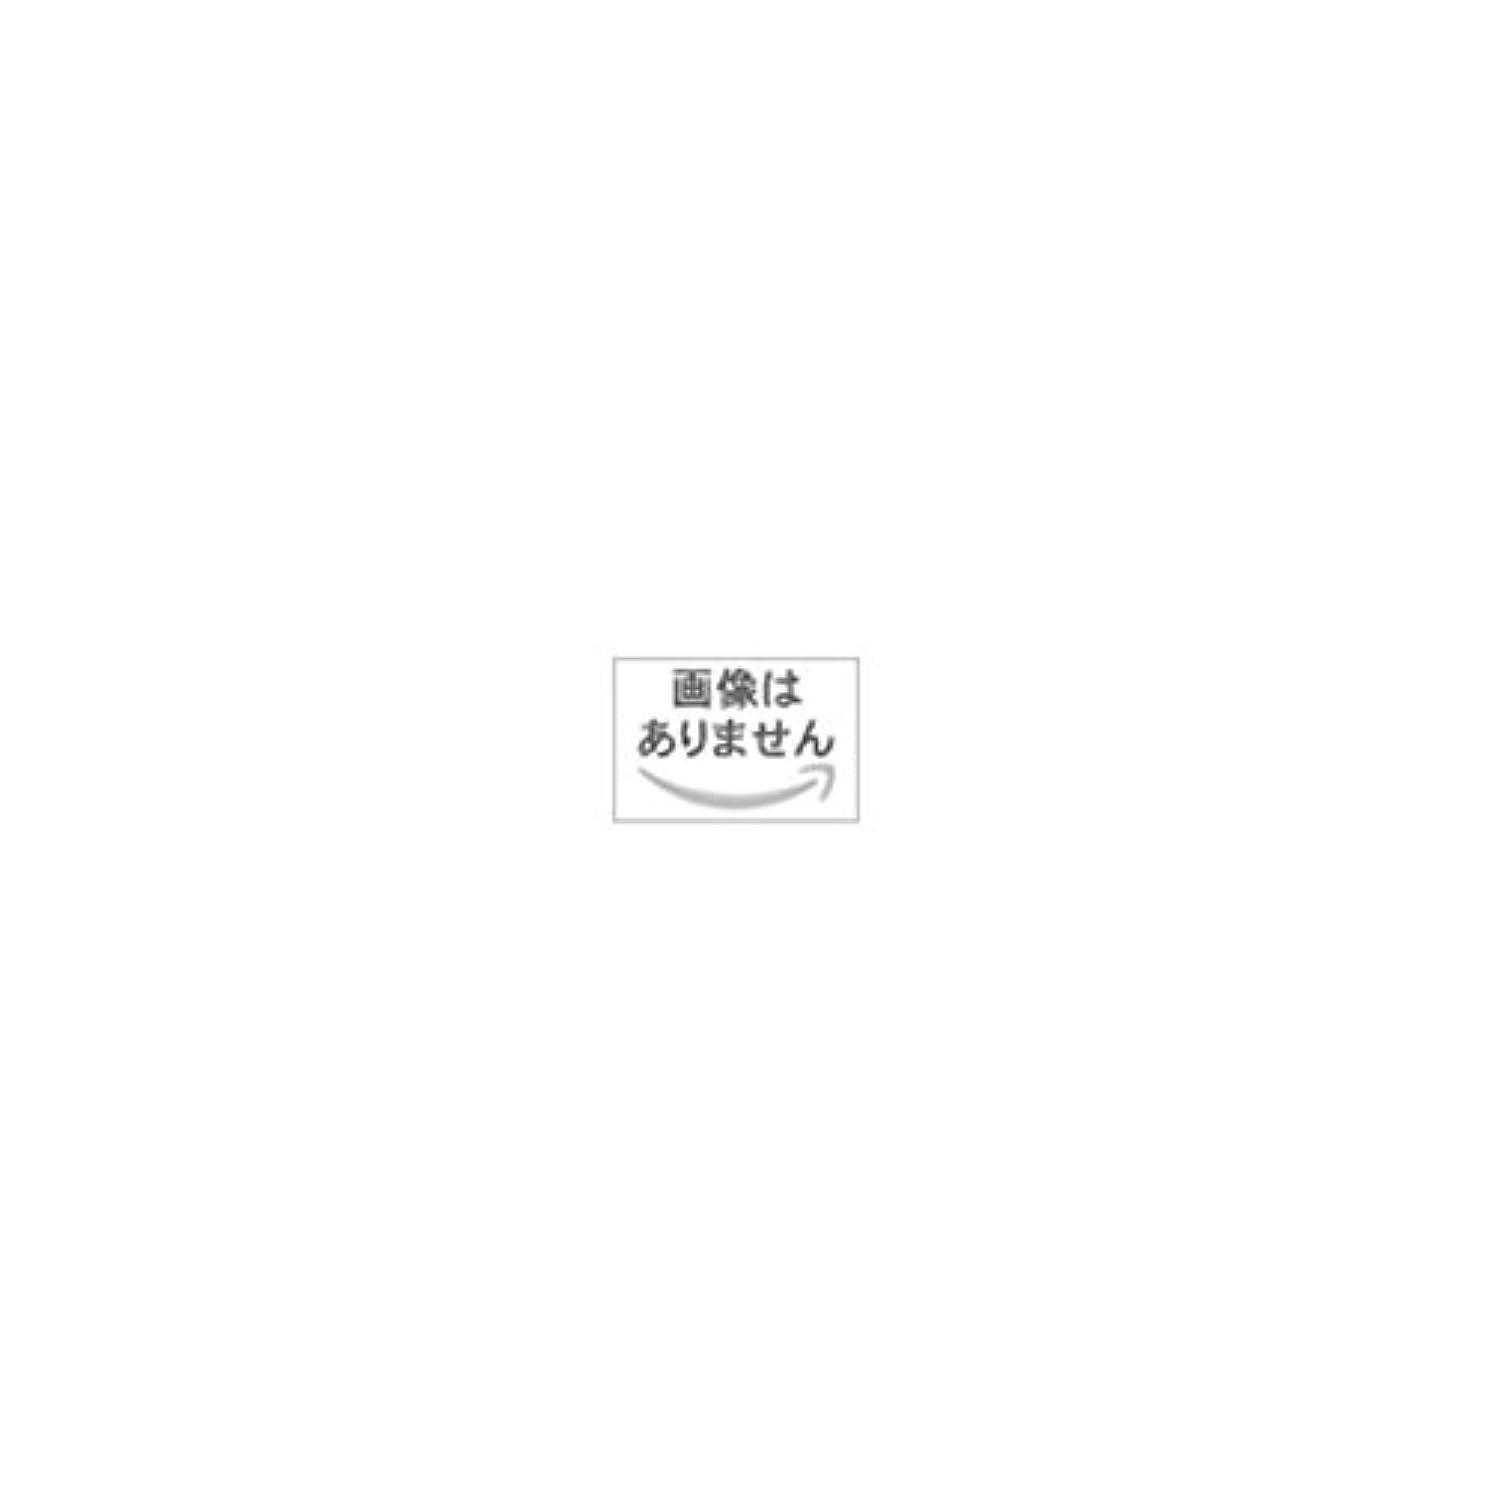 健康的動力学カートリッジピエナージュ リュクス ワンデー 10枚×2箱【チャンス Chance PWR:-4.75】マギー 度あり カラコン Pienage Luxe 1day